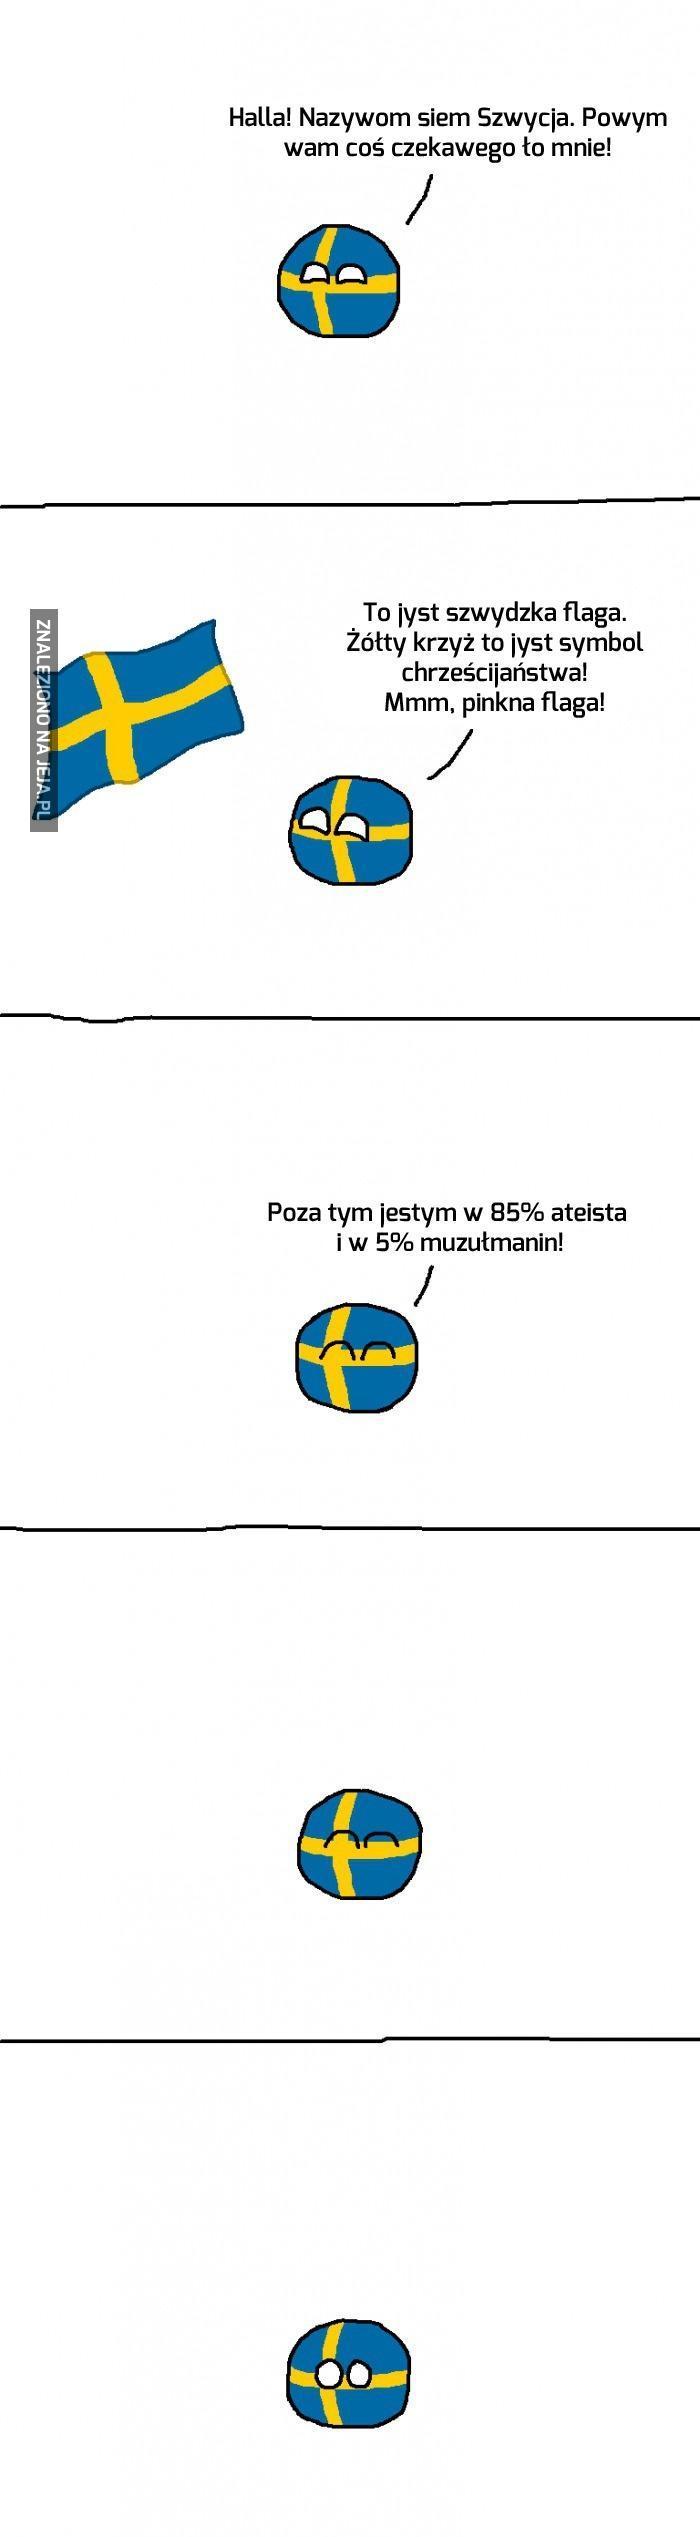 Szwedzka flaga